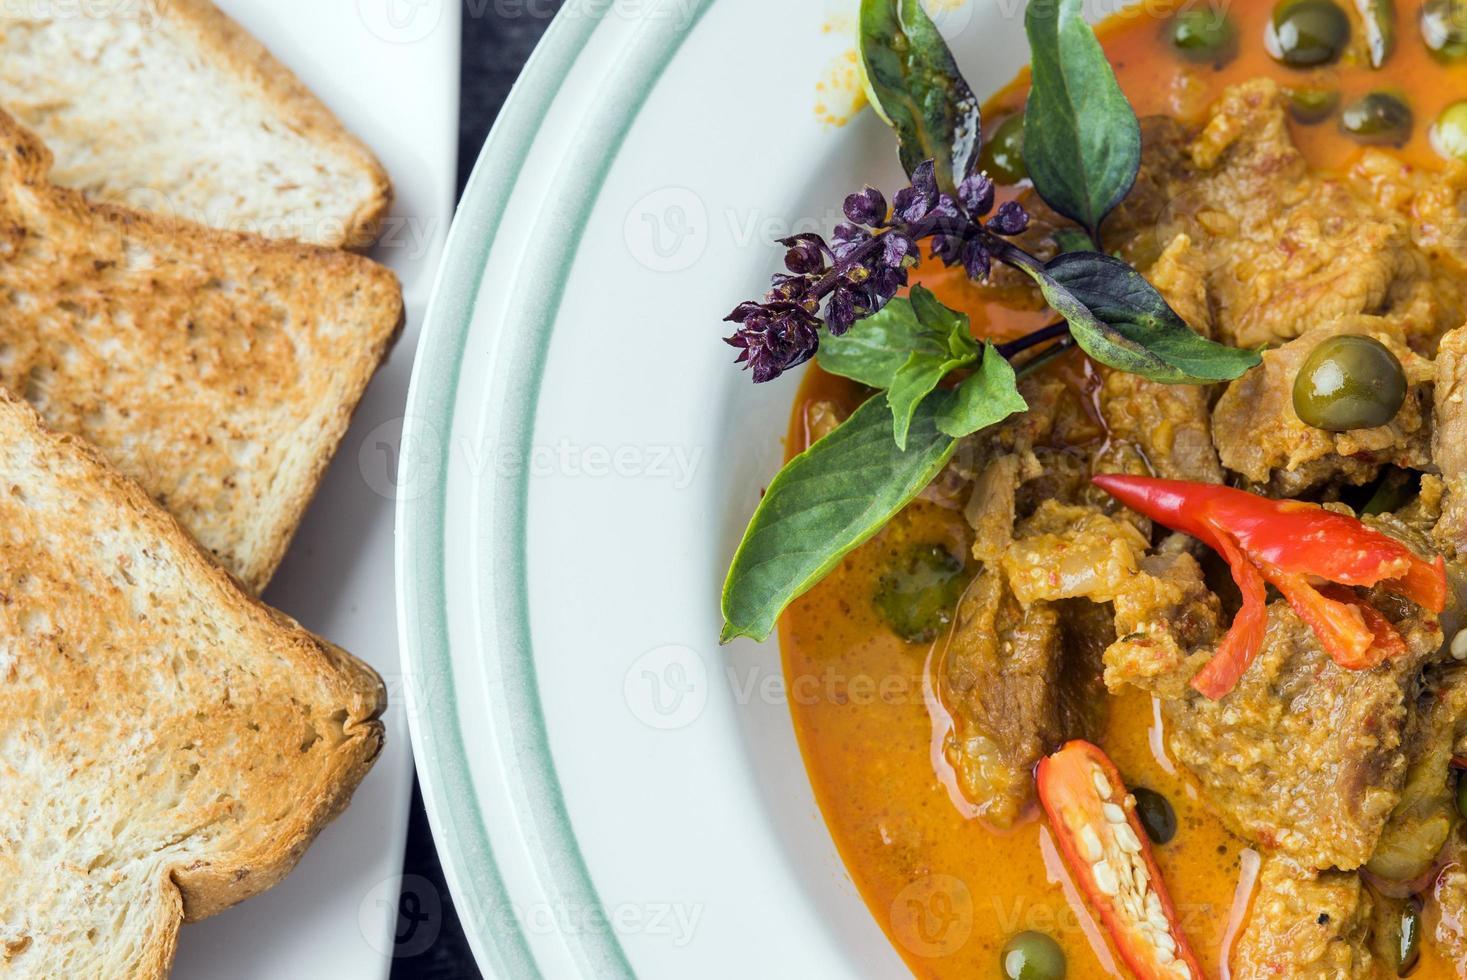 comida tailandesa asiática - curry con carne de cerdo foto